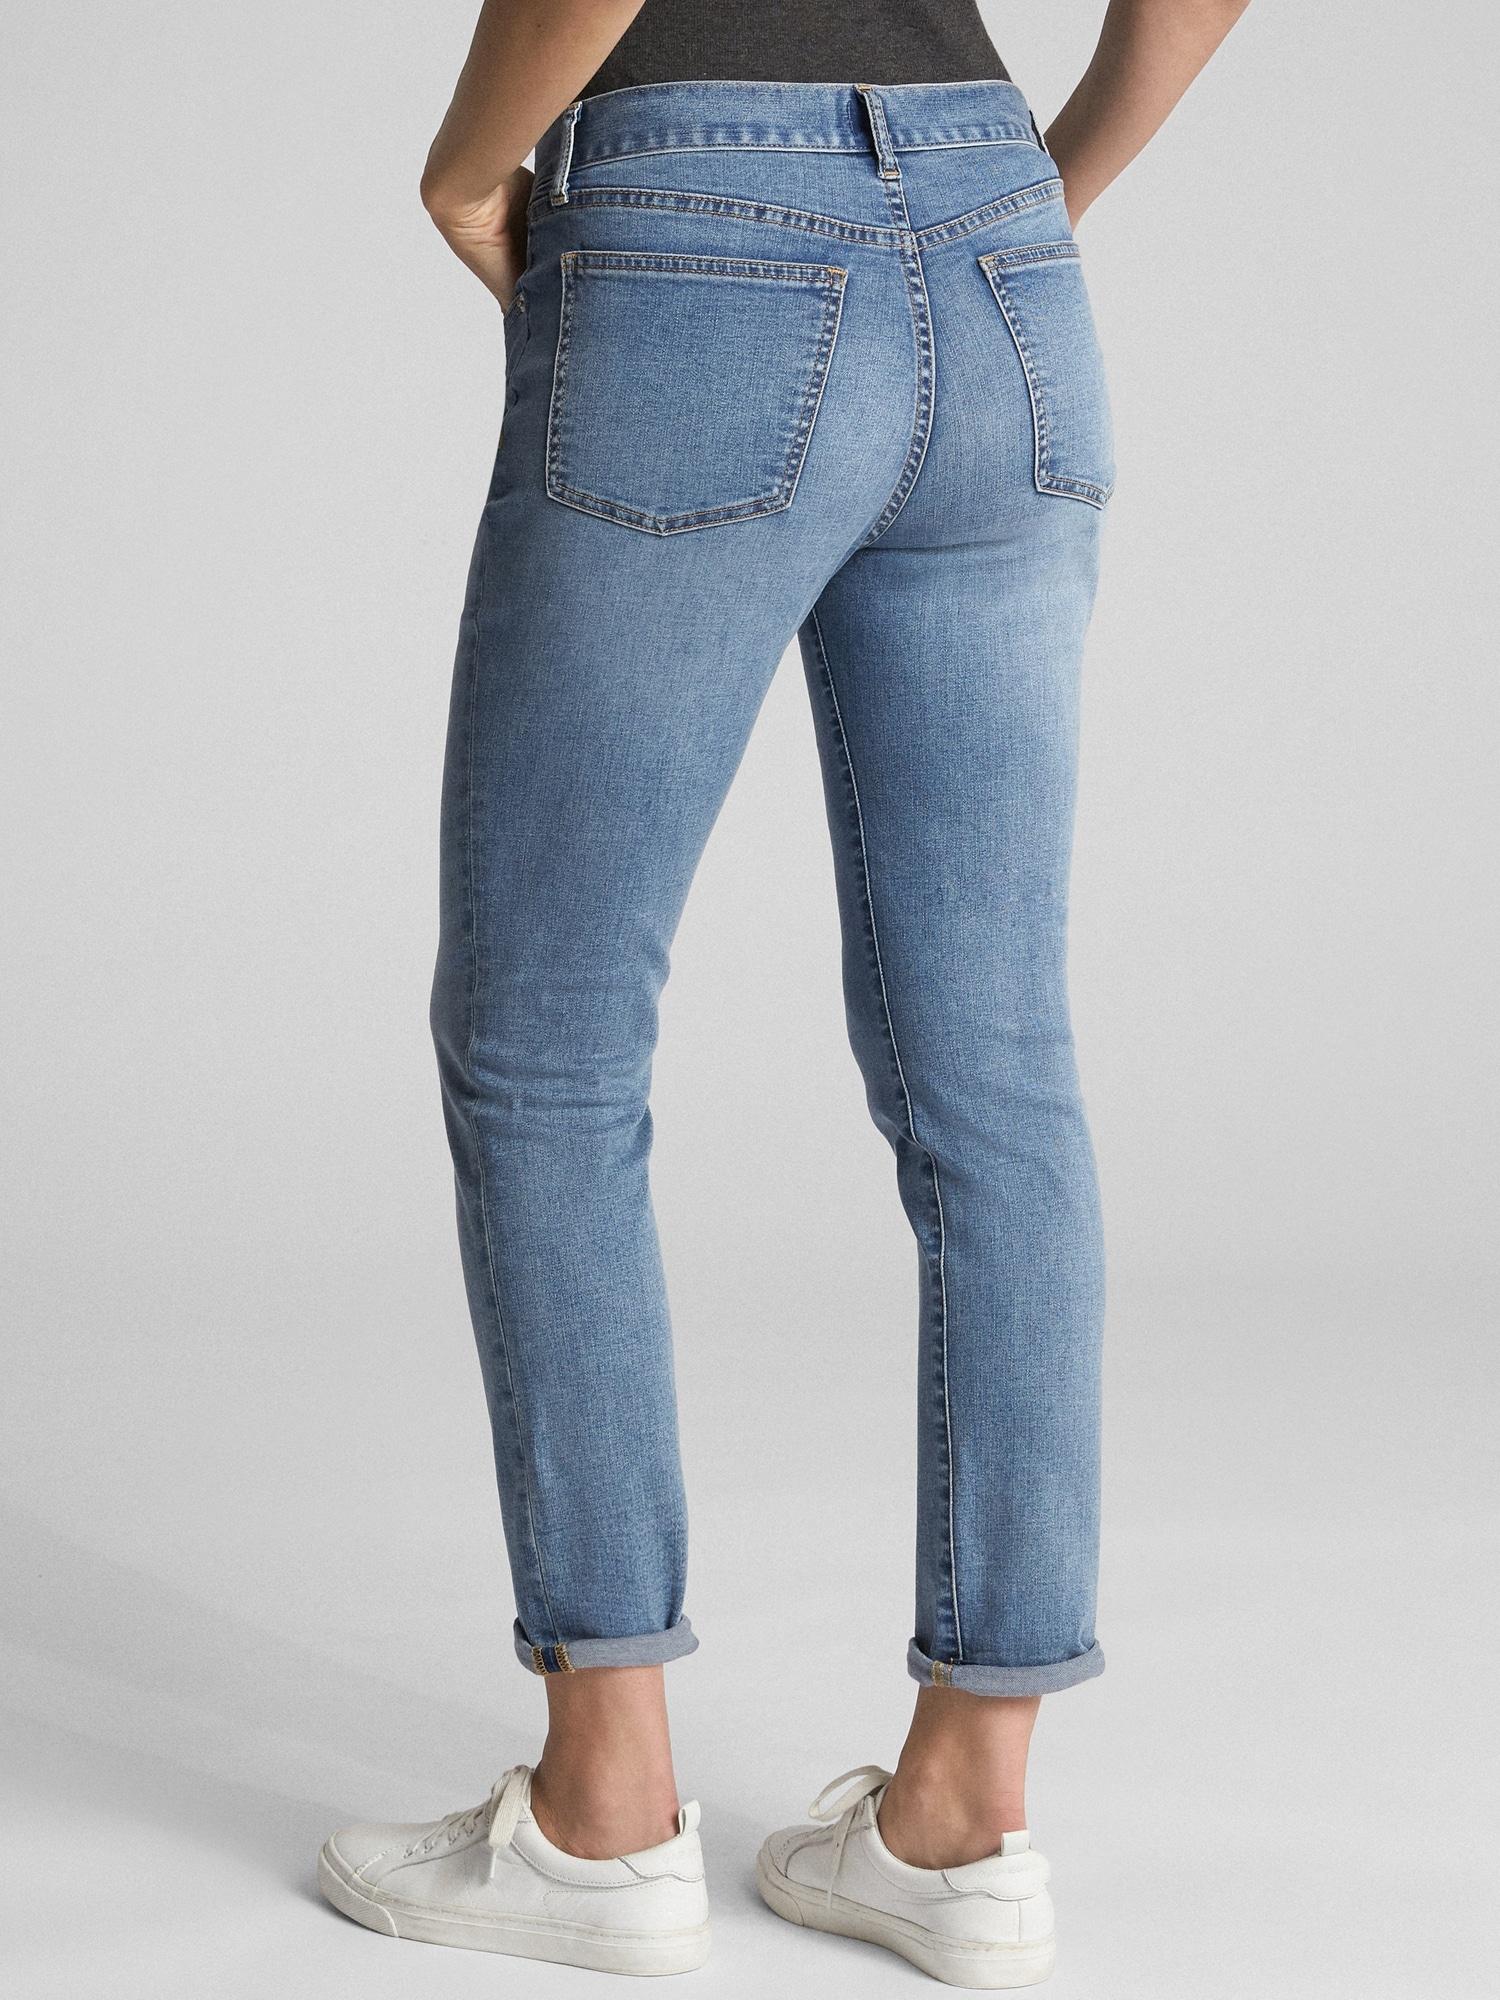 Girlfriend jeans vs boyfriend jeans, girlfriend jeans fit, back